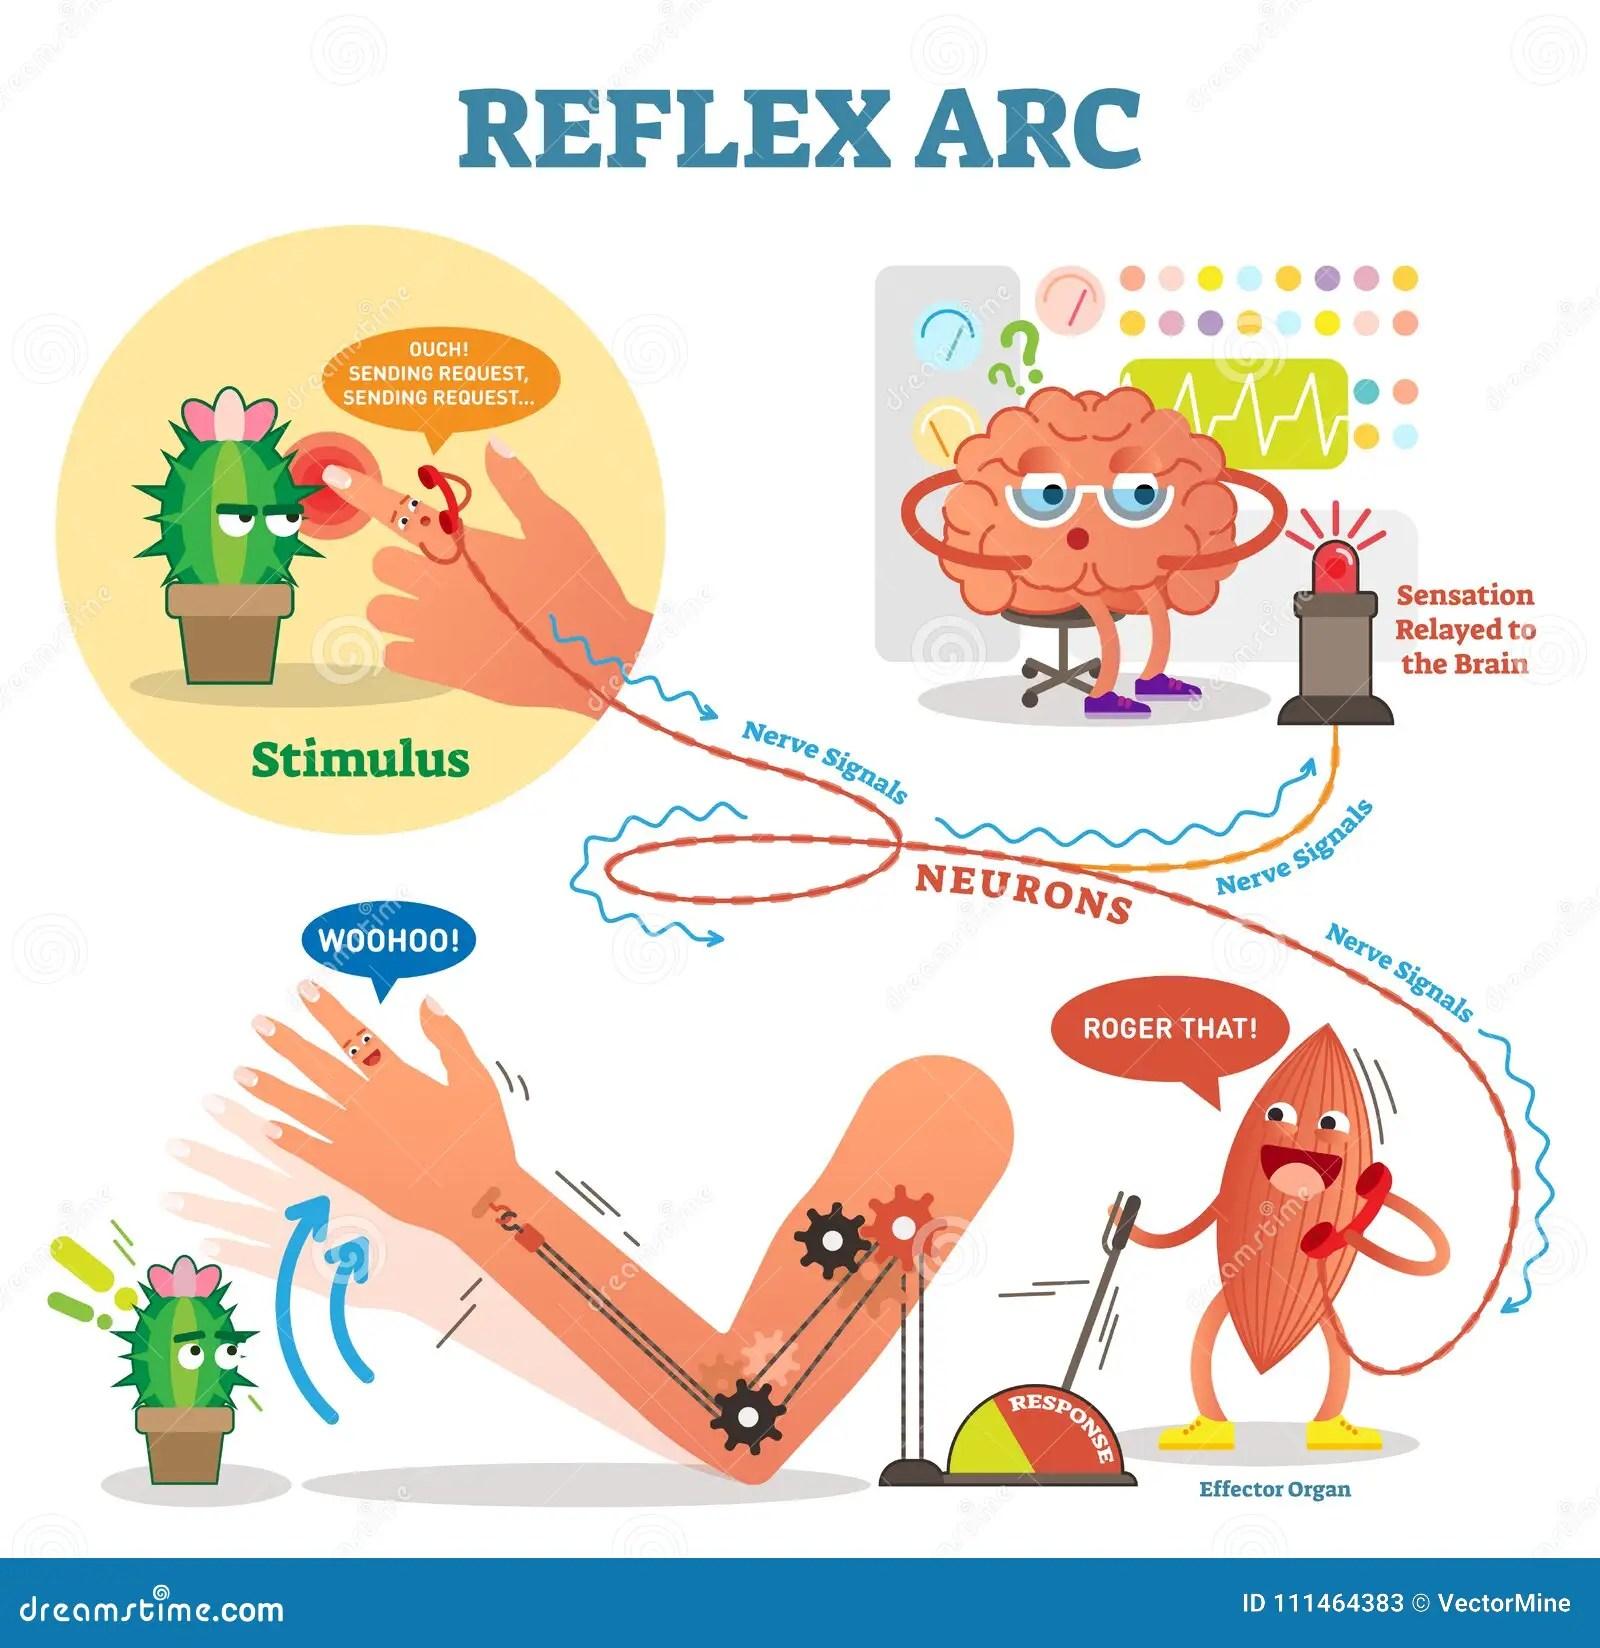 reflex arc diagram 2002 jeep tj radio wiring spinal scheme vector illustration with